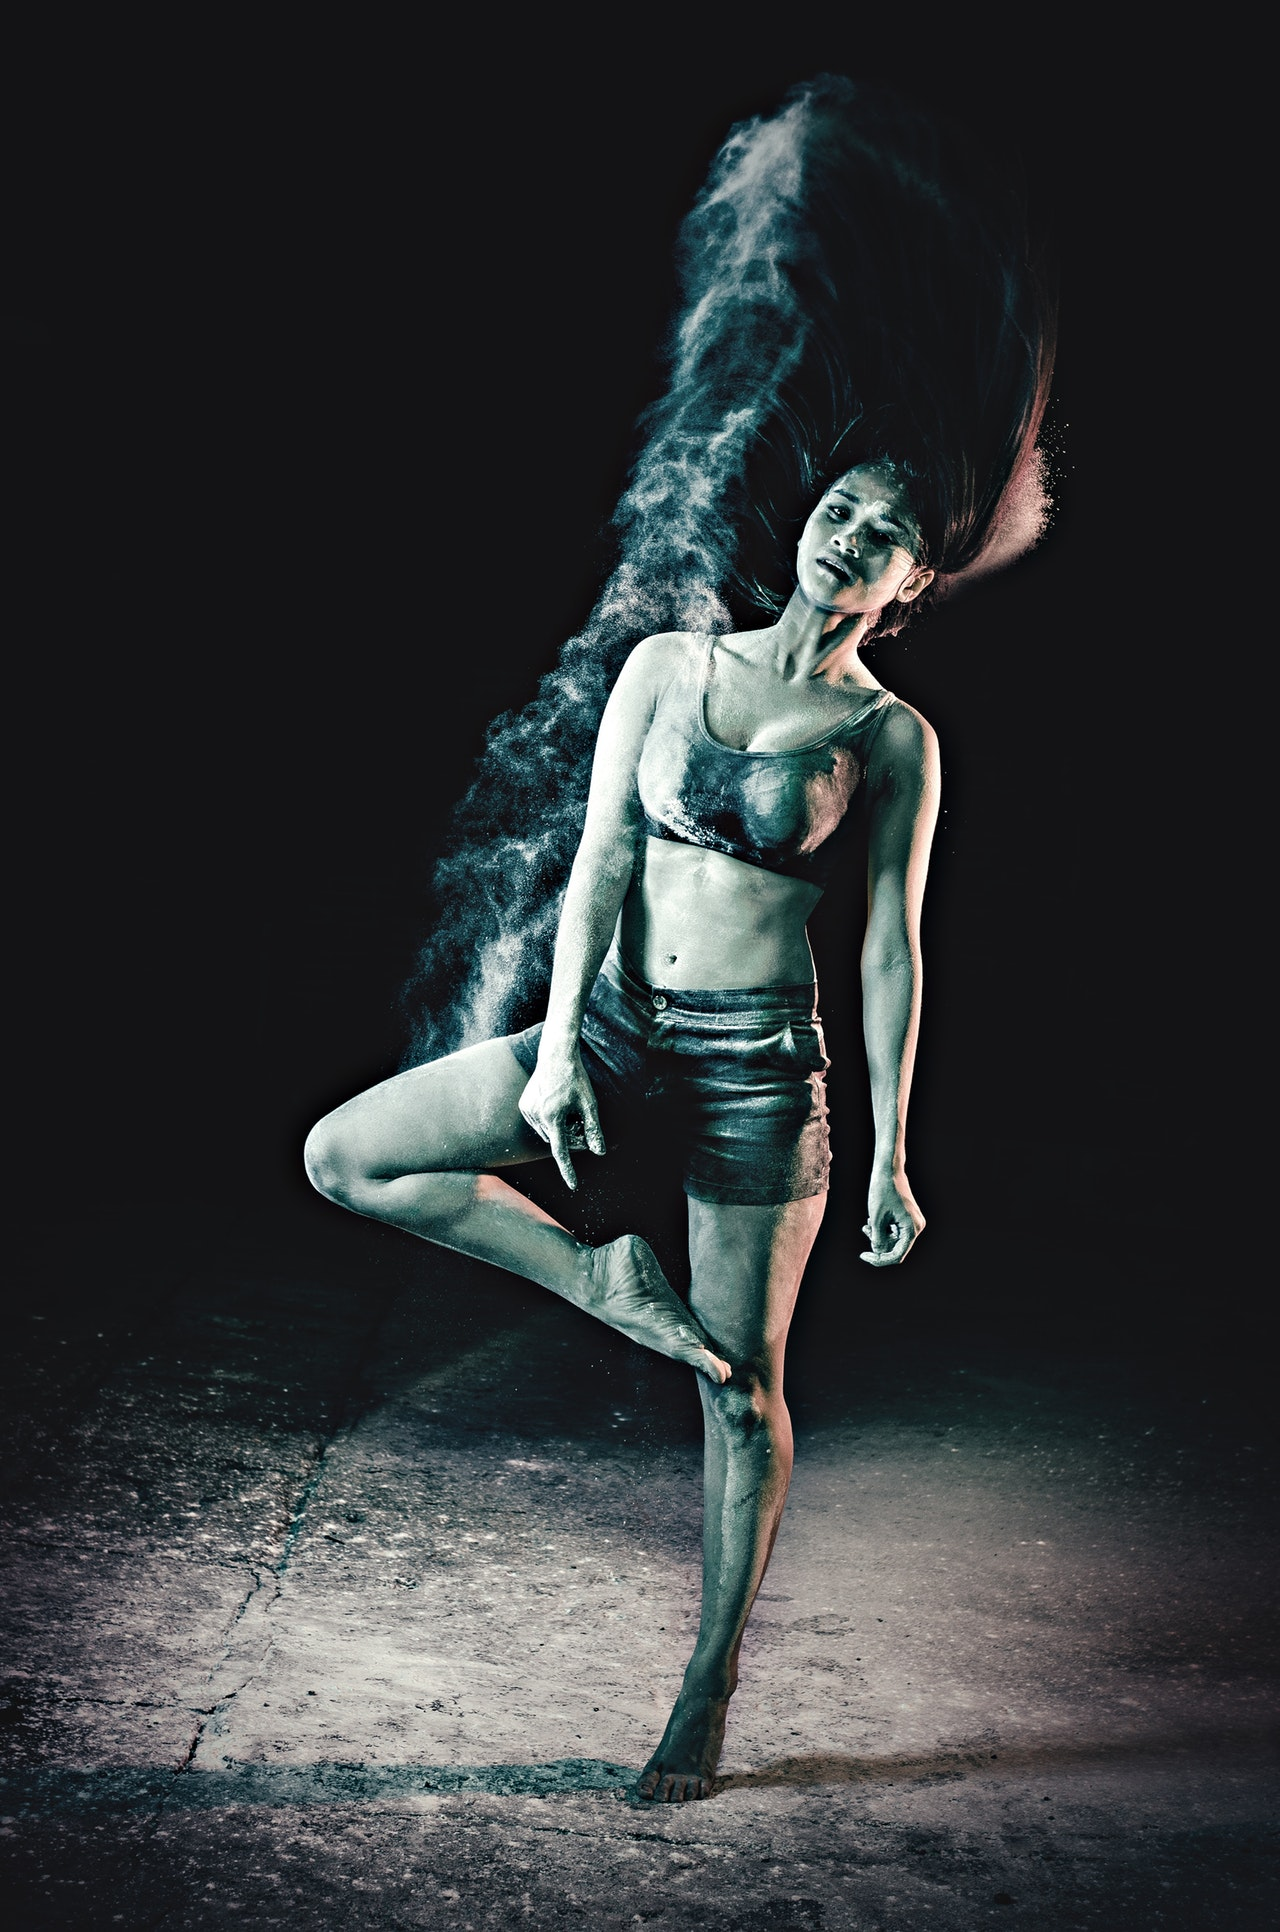 Danser på mørk scene